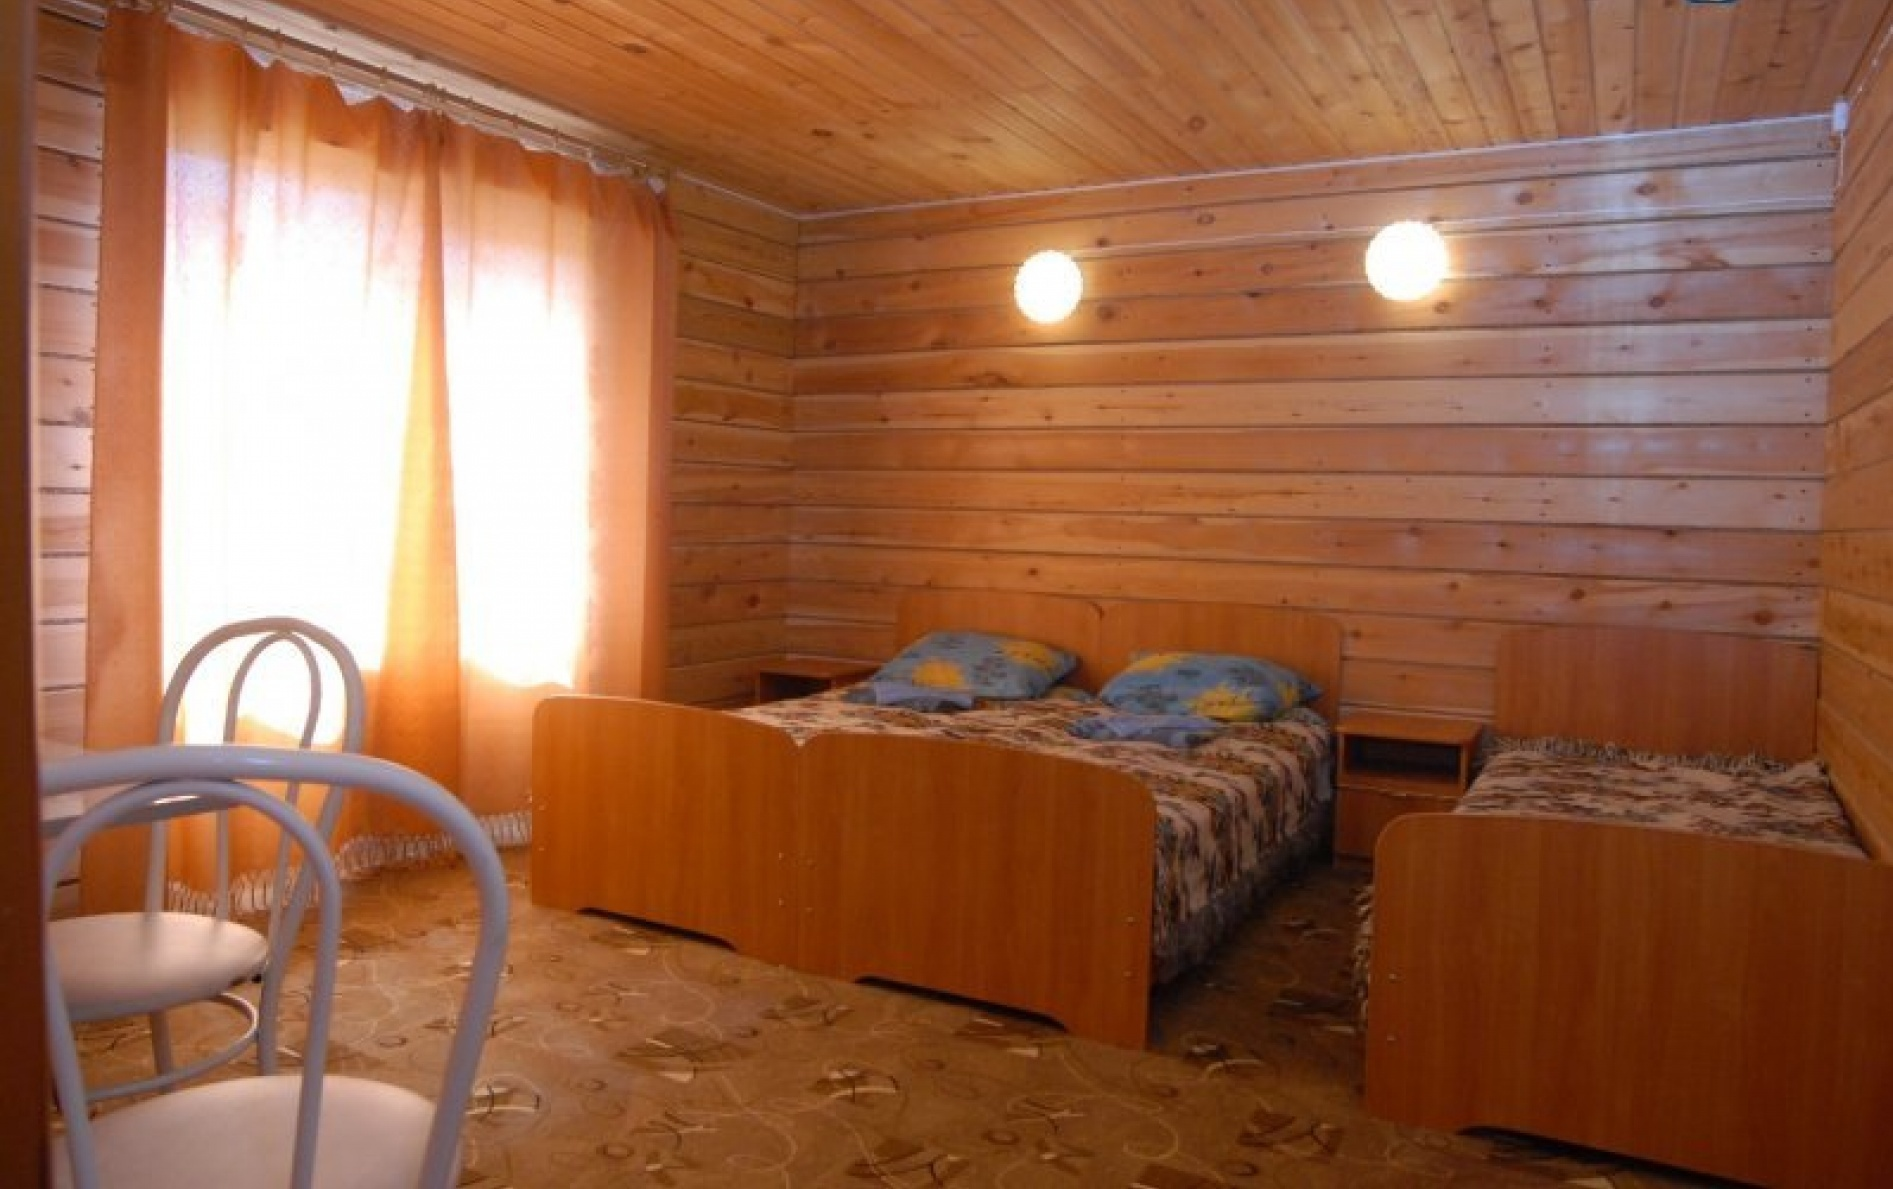 База отдыха «Жемчужина Ольхона» Иркутская область 3-местный коттедж, фото 1